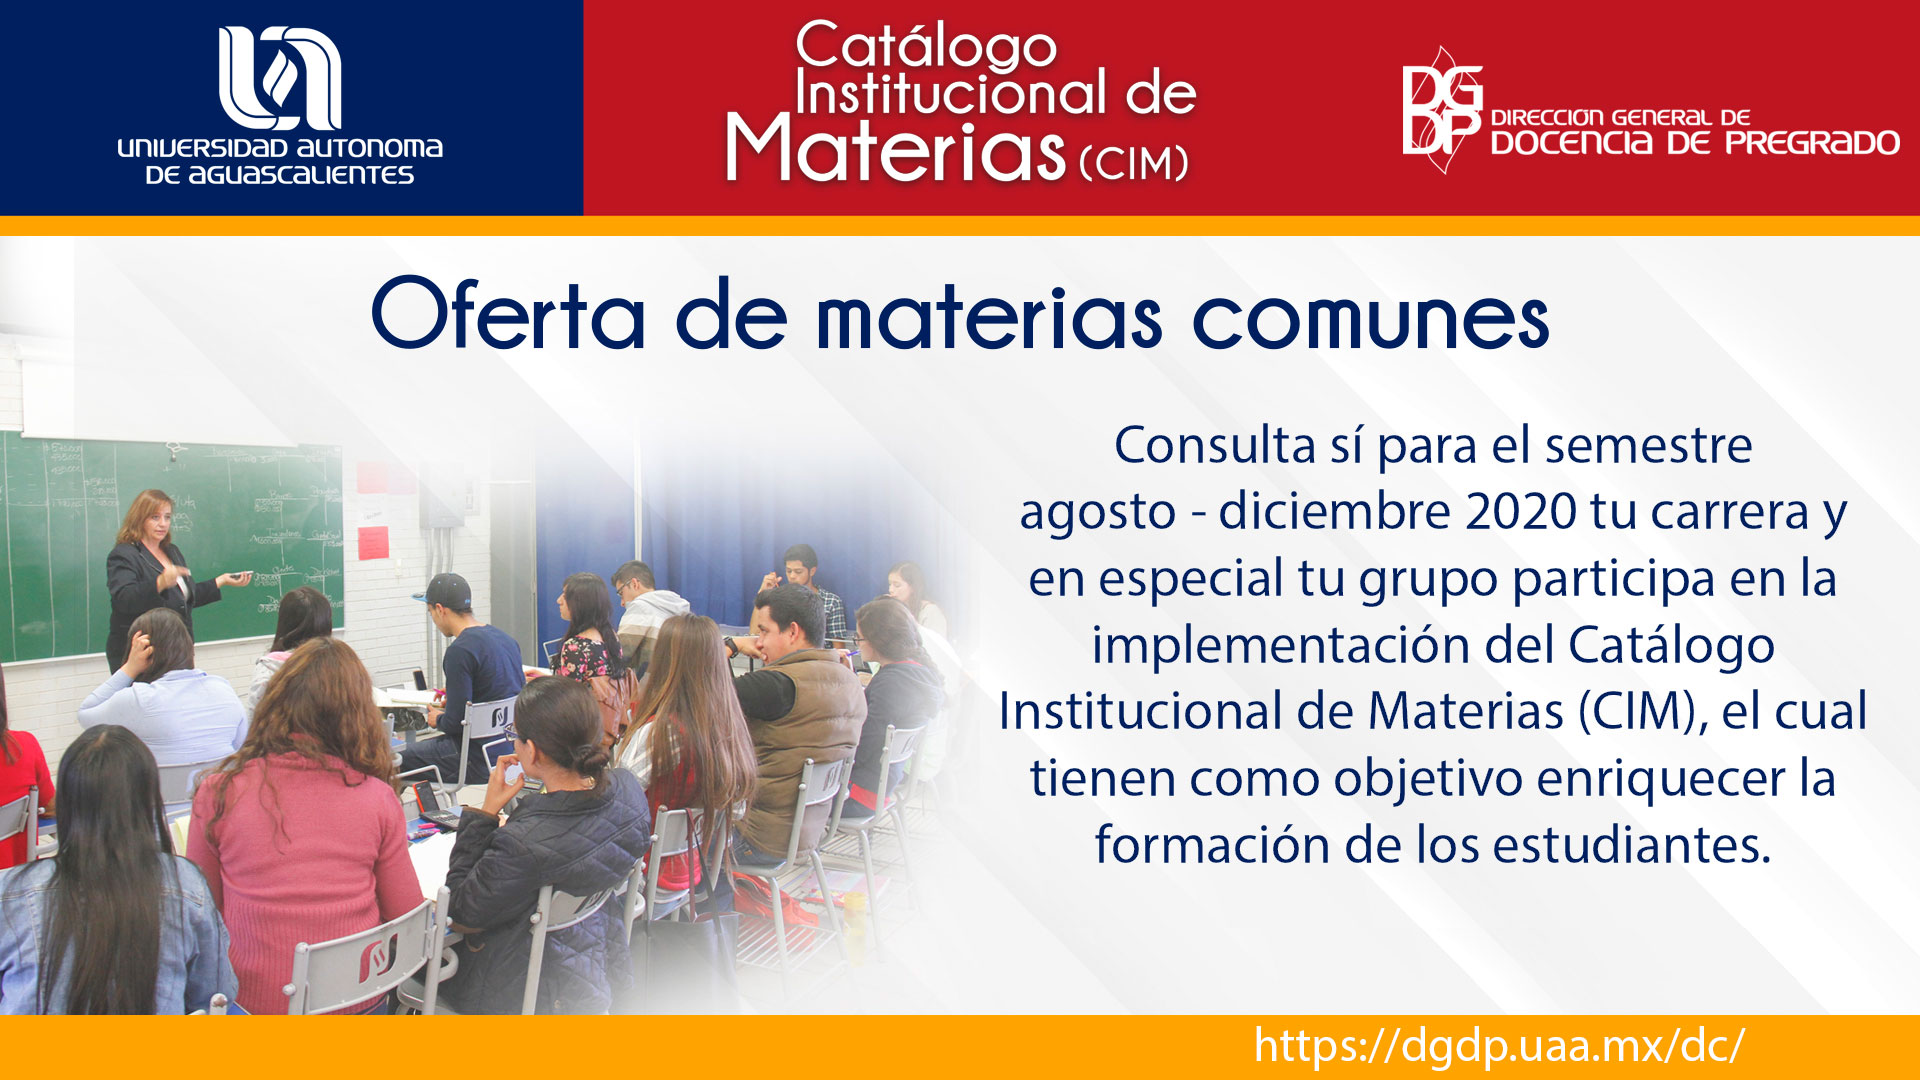 Catálogo Institucional de Materias (CIM)